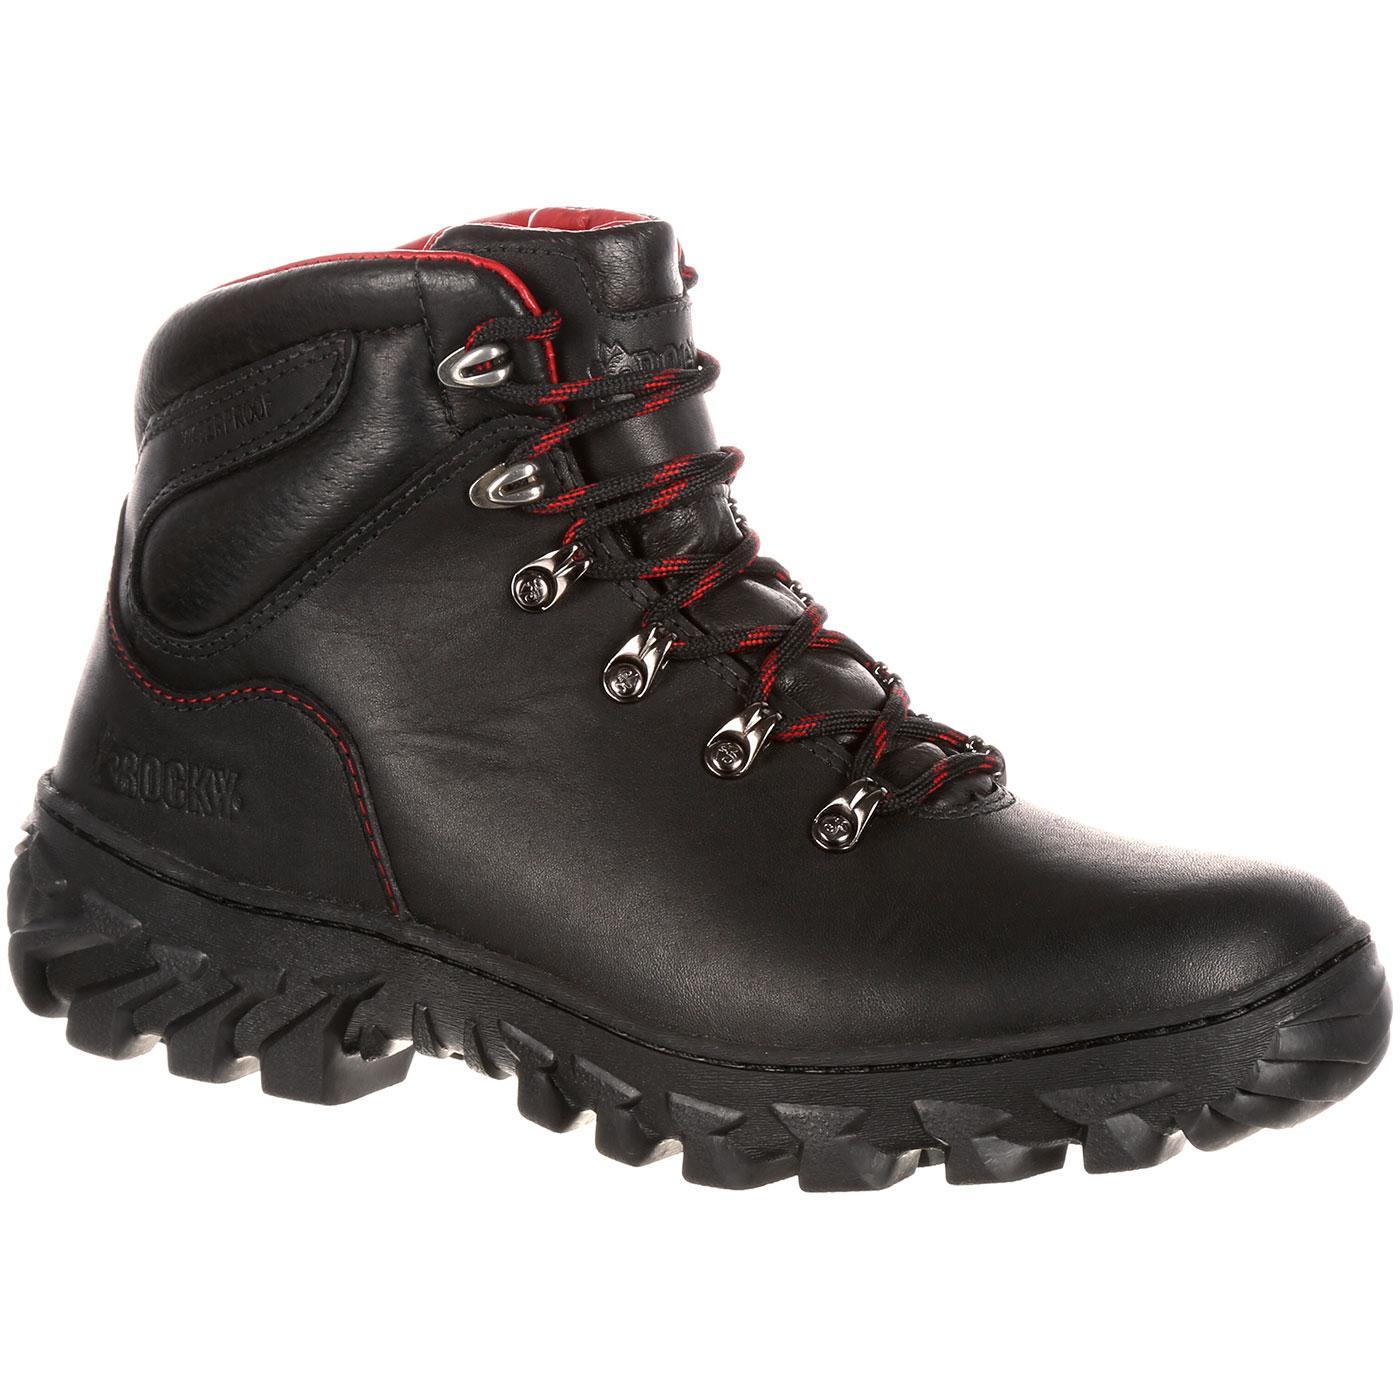 Men's Jungle Hunter Waterproof Outdoor Boot-RKS0274 (M13)